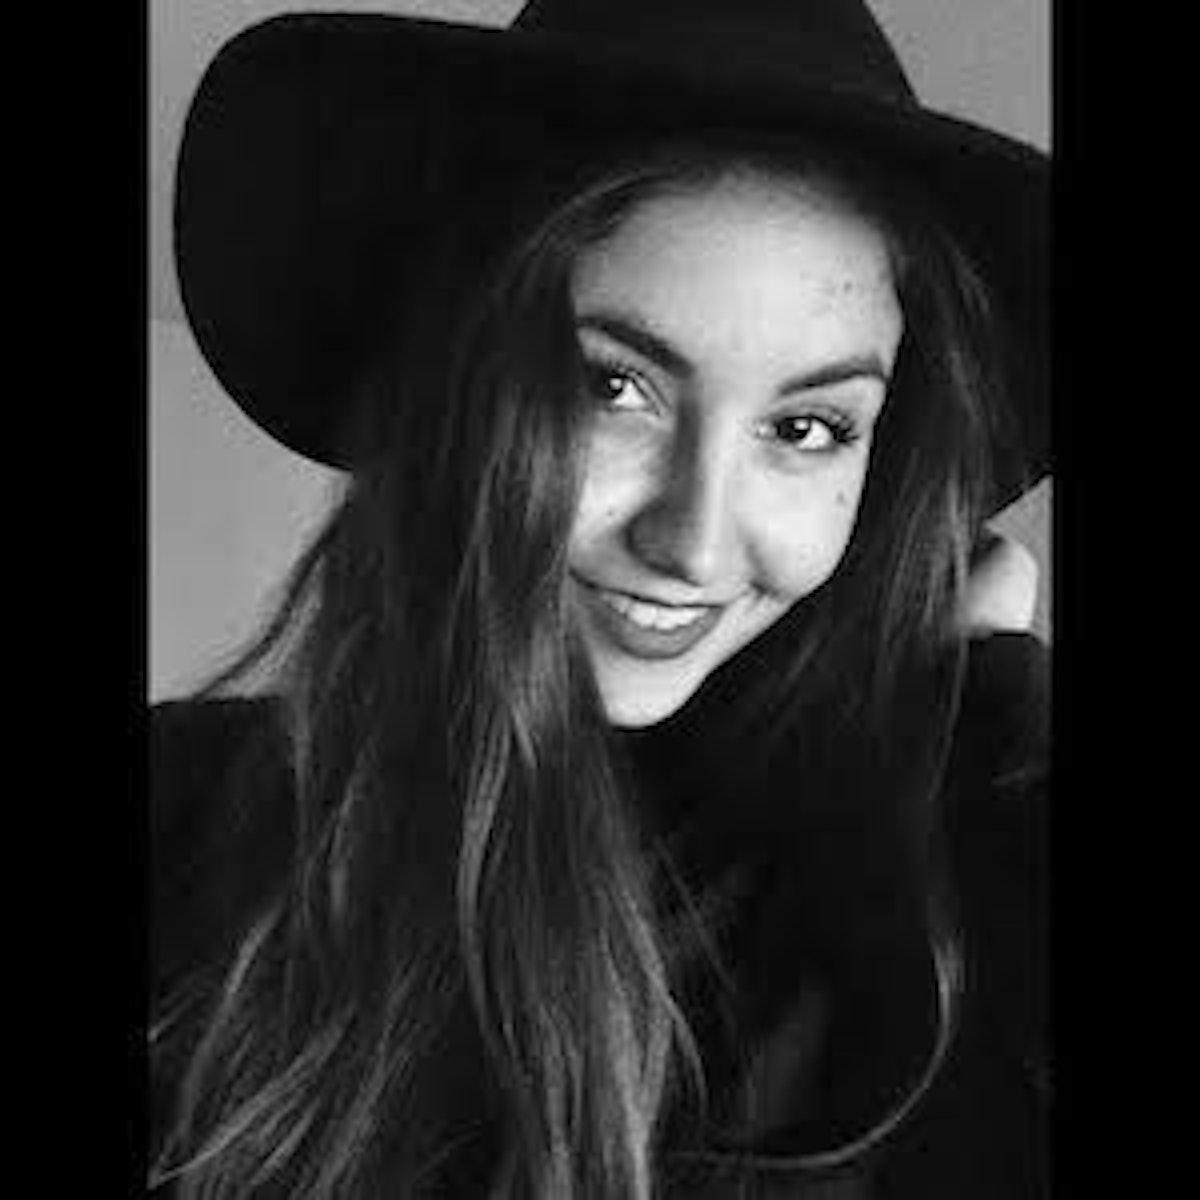 Jelena Colak